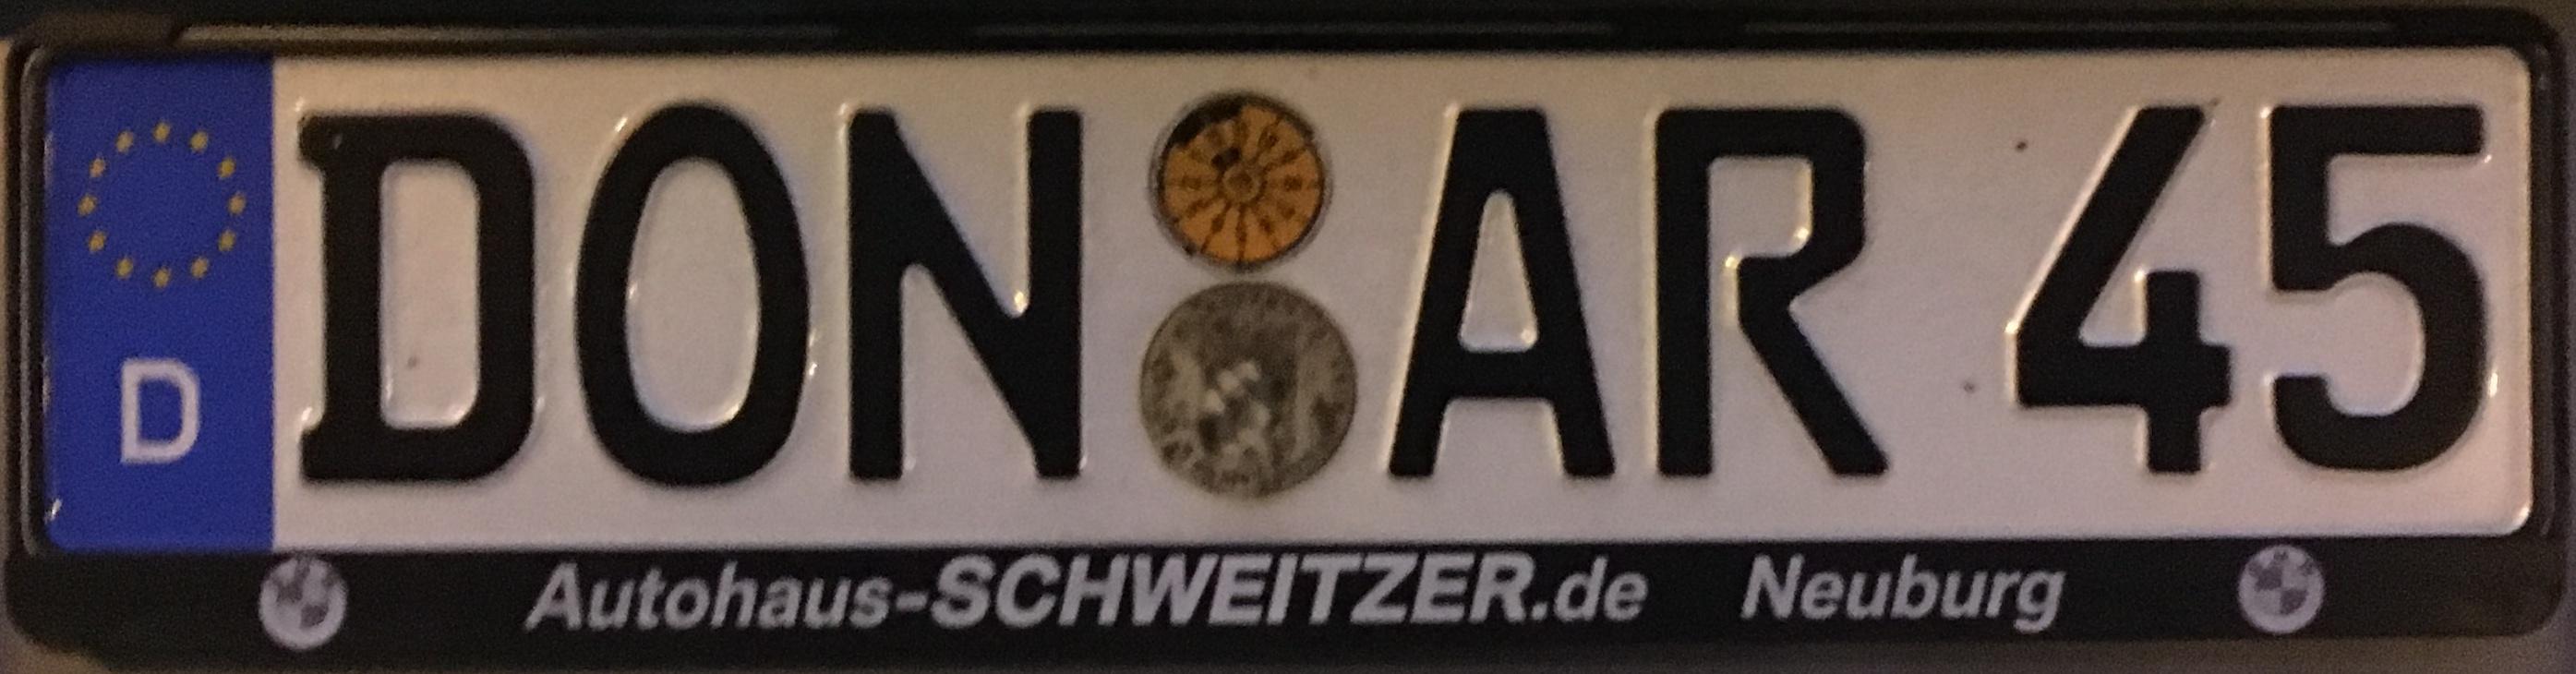 Registrační značky Německo - DON - Donau-Ries, foto: www.podalnici.cz